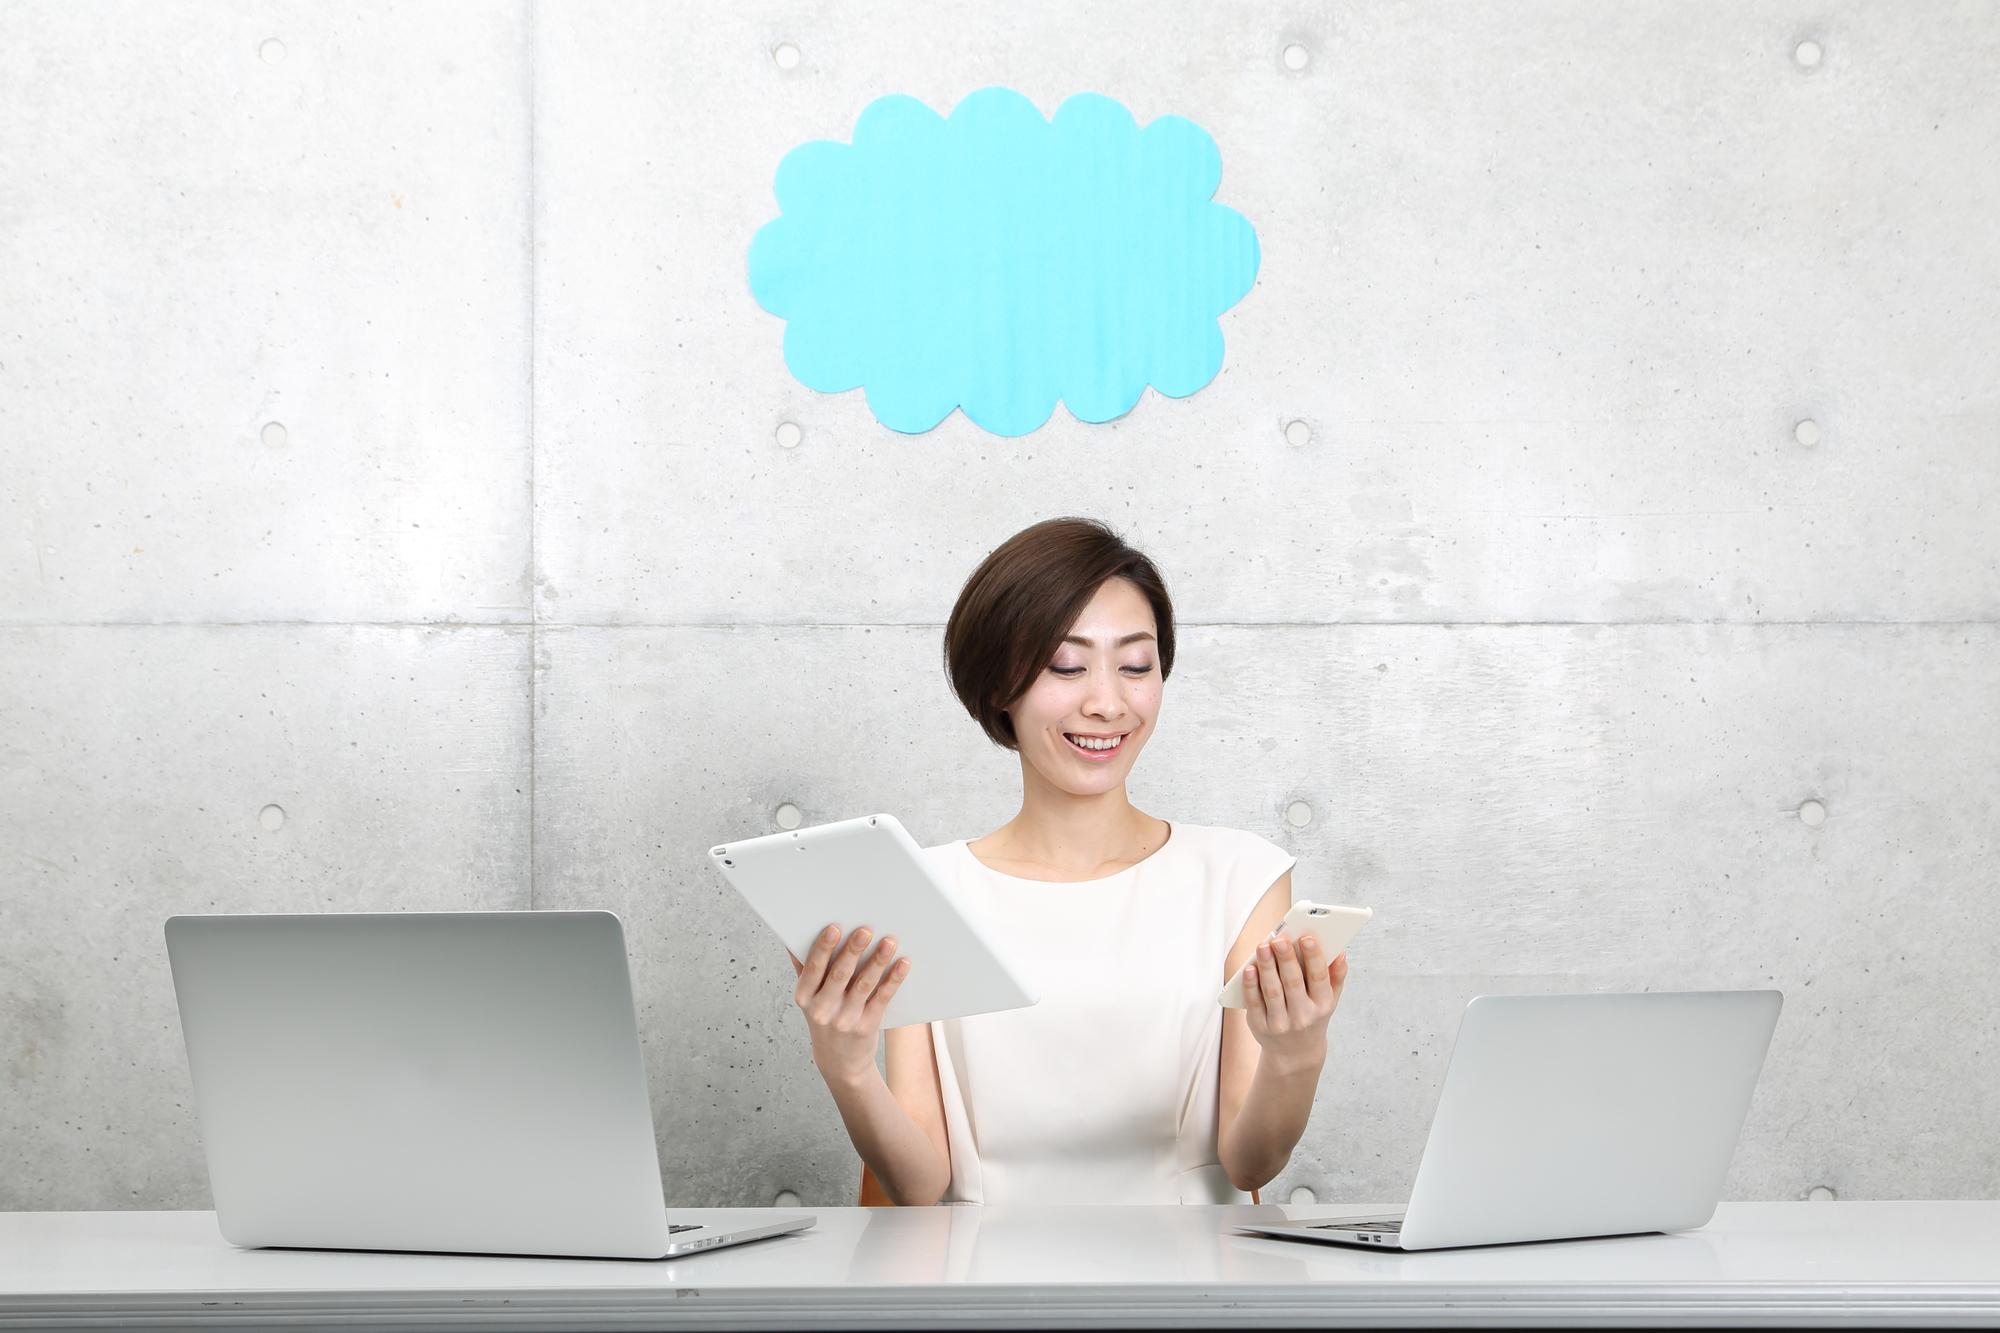 【転職希望者必見】不動産管理会社事務の仕事内容、給与、待遇を解説